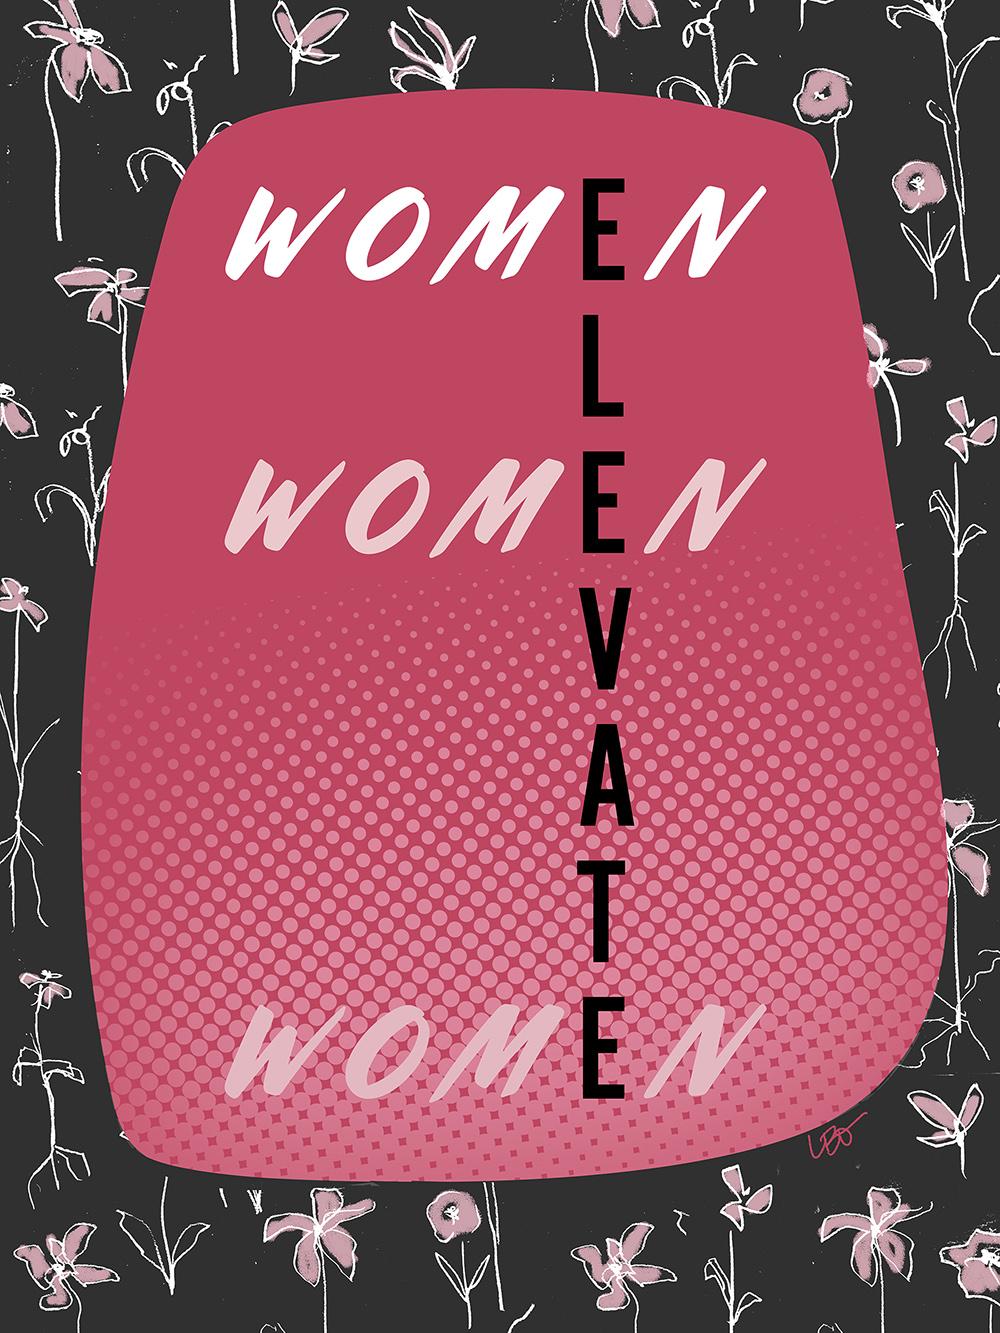 webLBoLowery_Women elevate copy 2.jpg